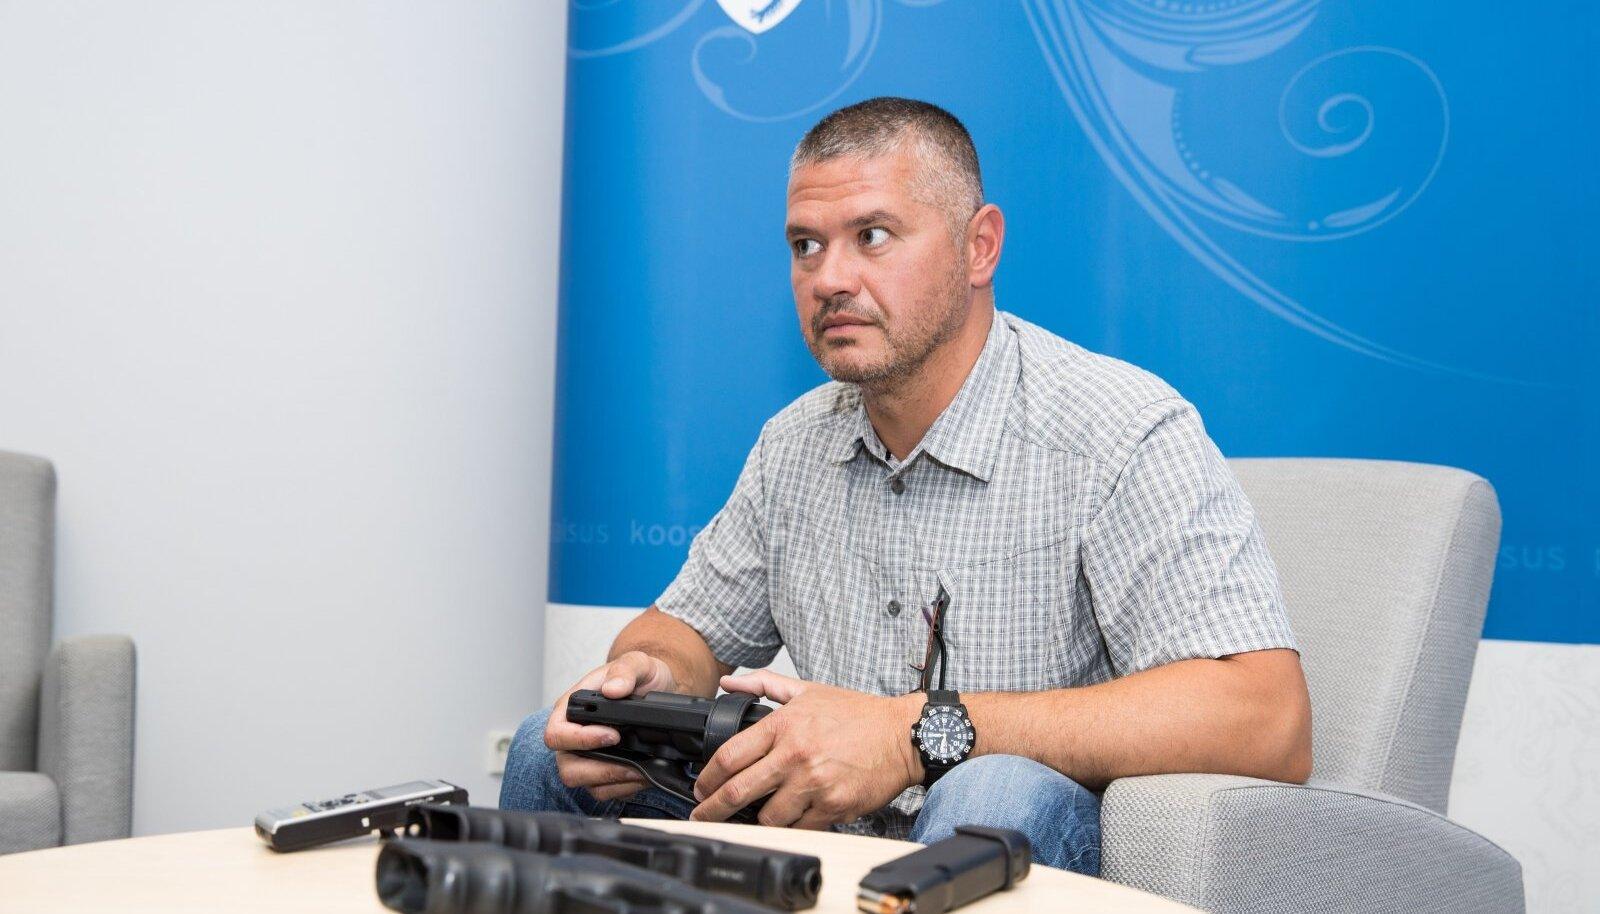 Kolonelleitnant Georg-Tomek Triškini sõnul ei seisnud afgaanid liitlasvägede vastu, ent ei tervitanud neid ka hurraahüüetega.